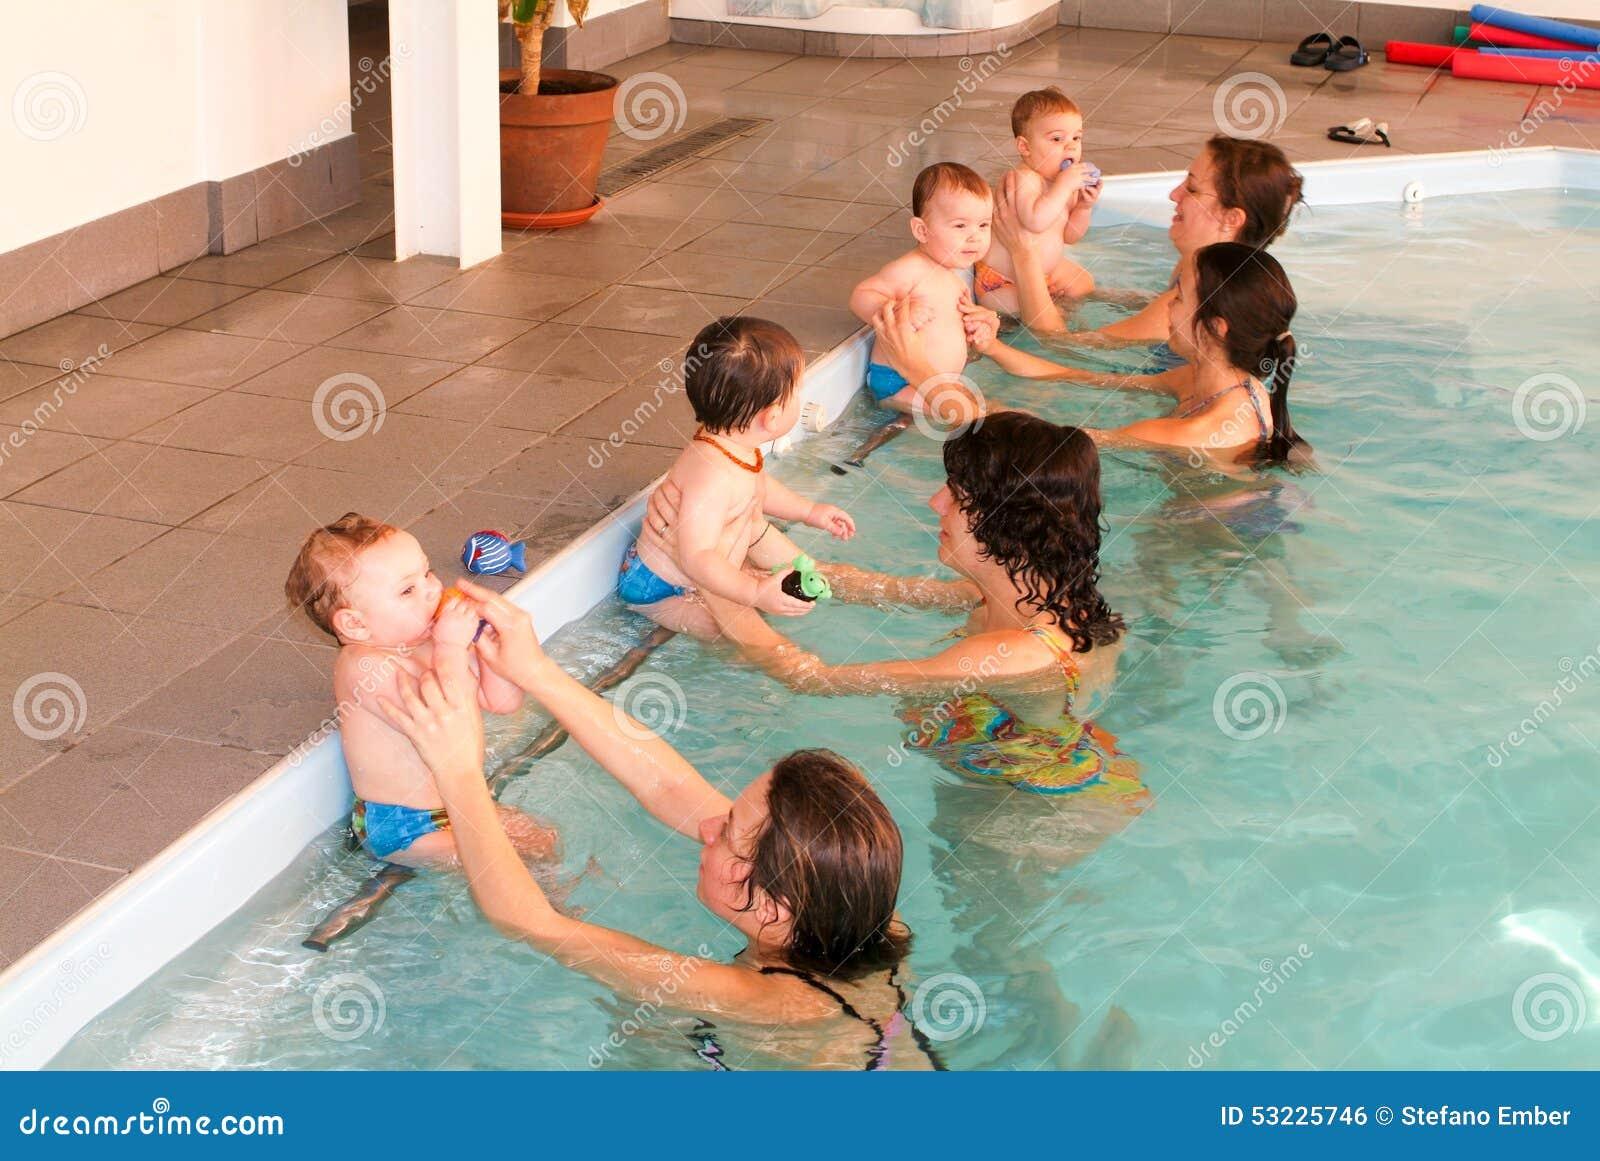 Bebé adorable que disfruta de nadar en una piscina con su madre